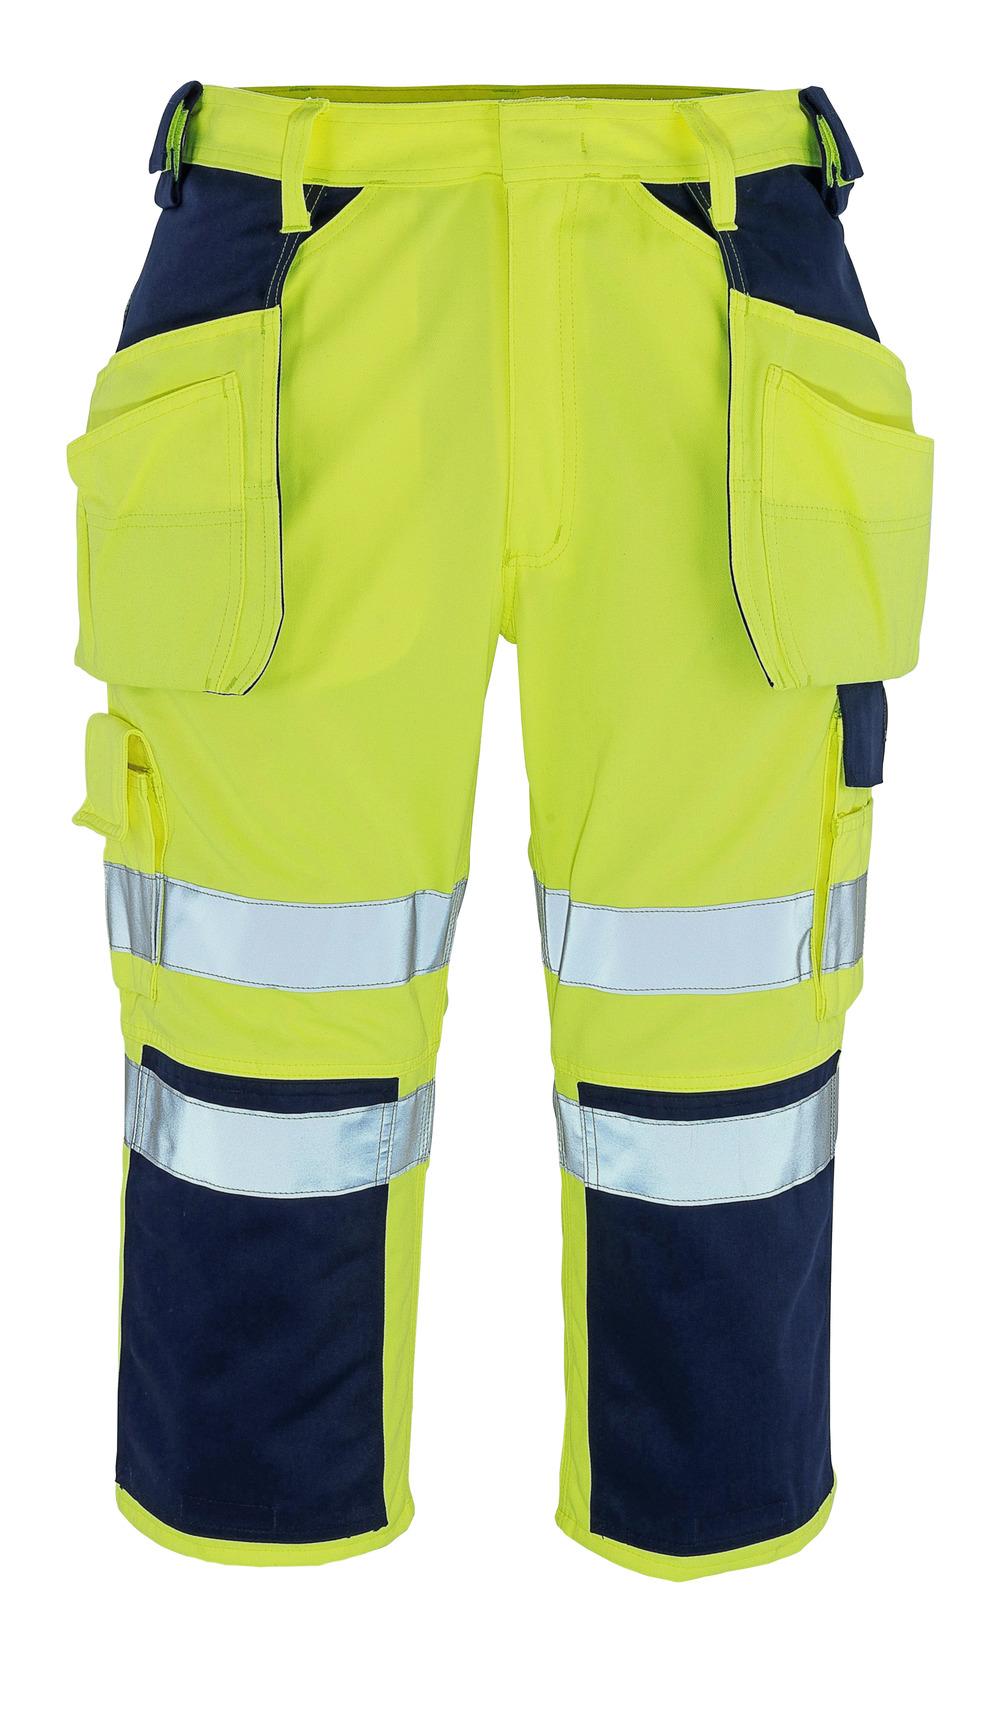 09149-470-171 Spodenki ¾ z kieszeniami na kolanach i kieszeniami wiszącymi - żółty hi-vis/granat